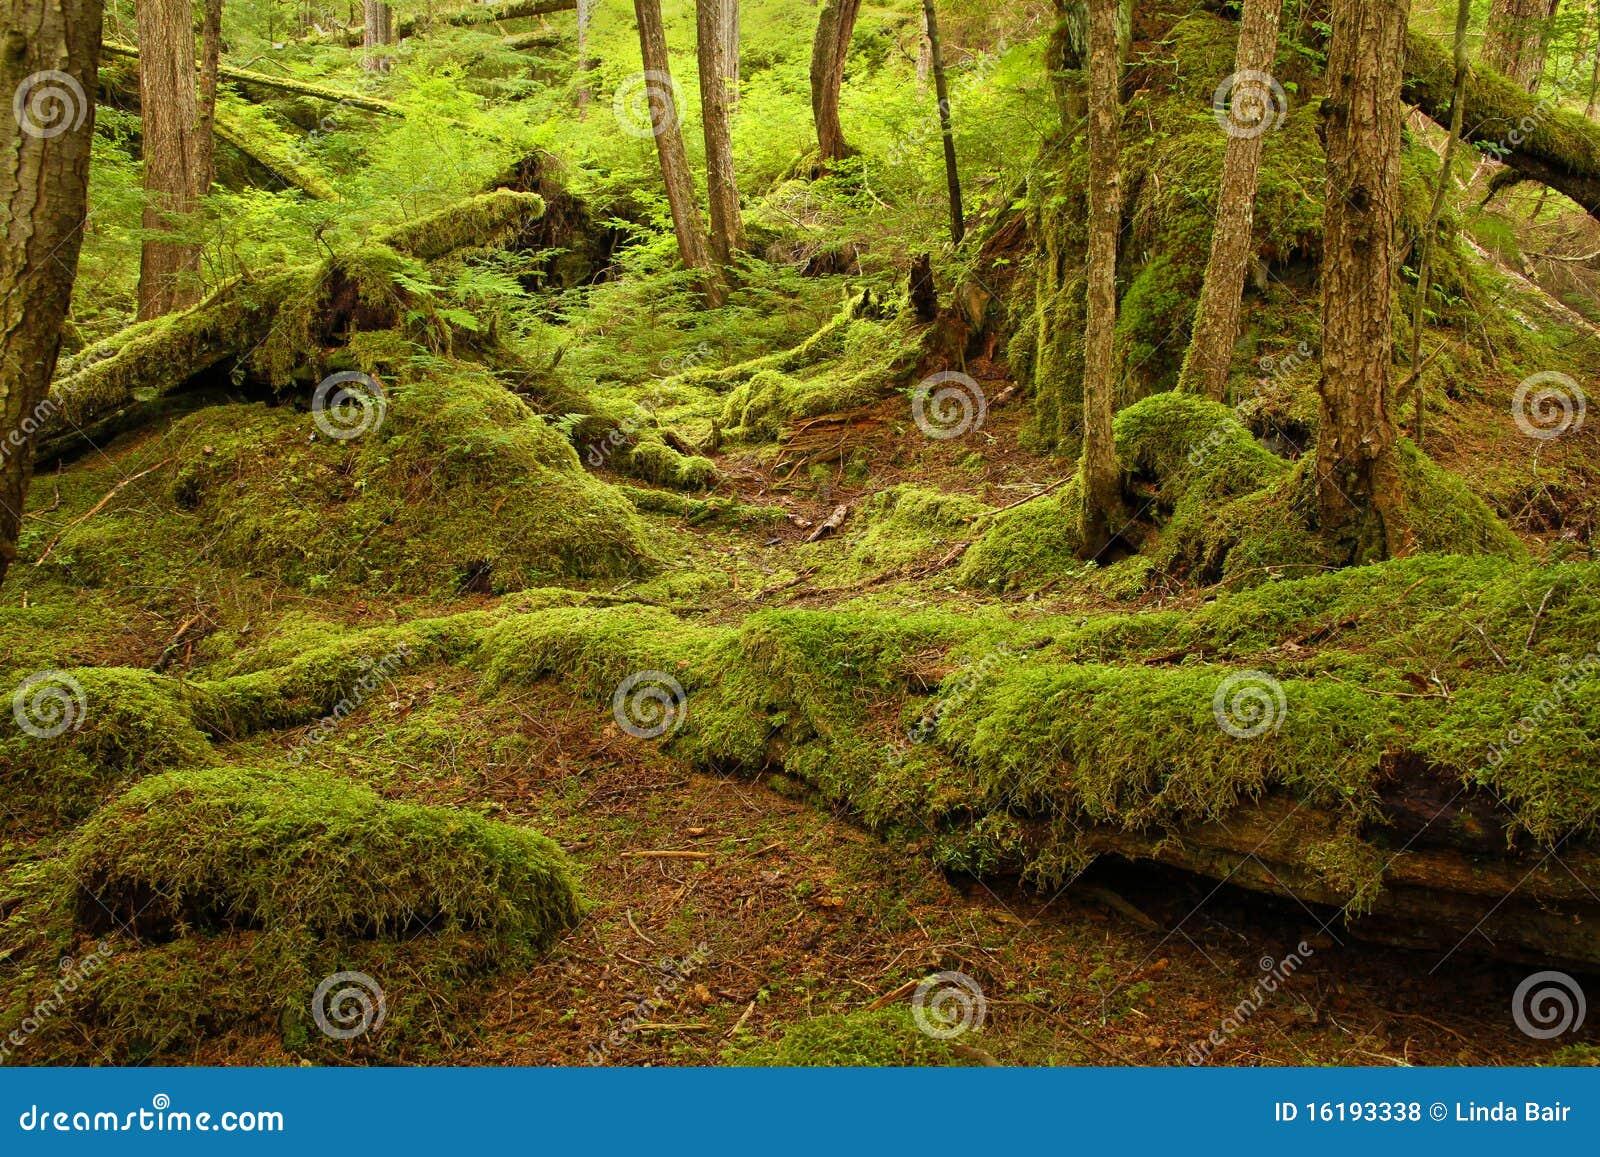 Mäßiger Regenwald